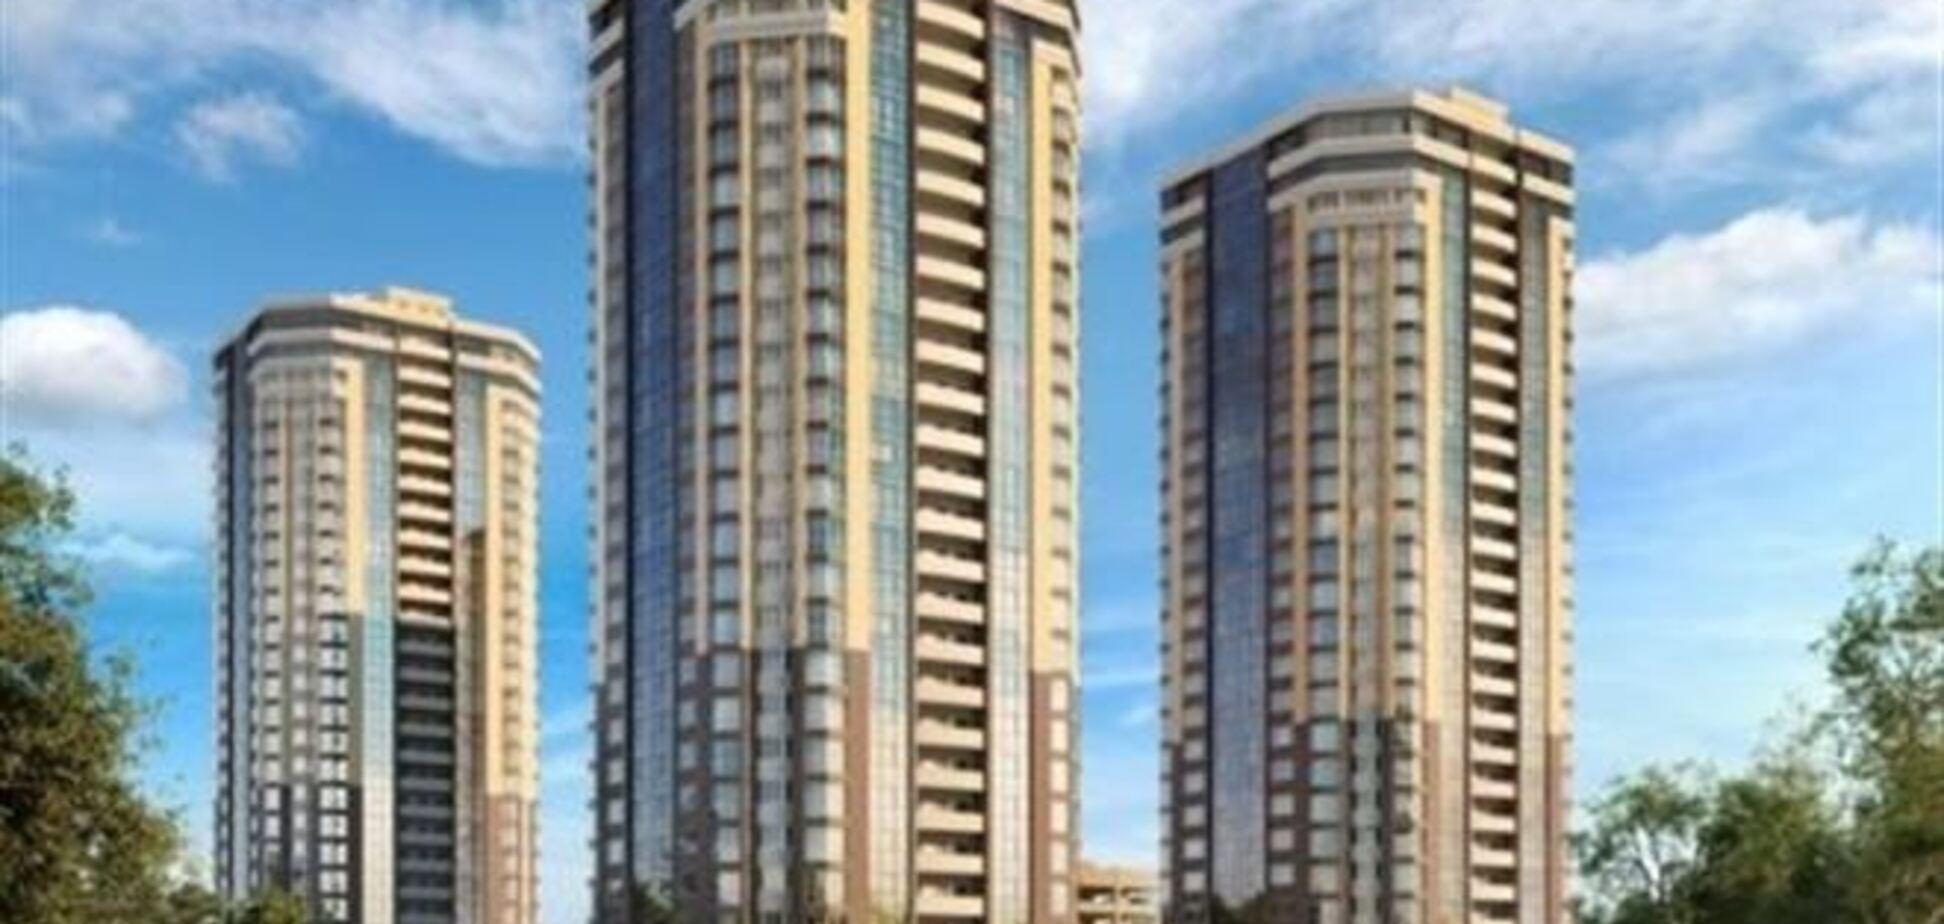 Ослабление гривни не повлияло на первичный рынок киевского жилья